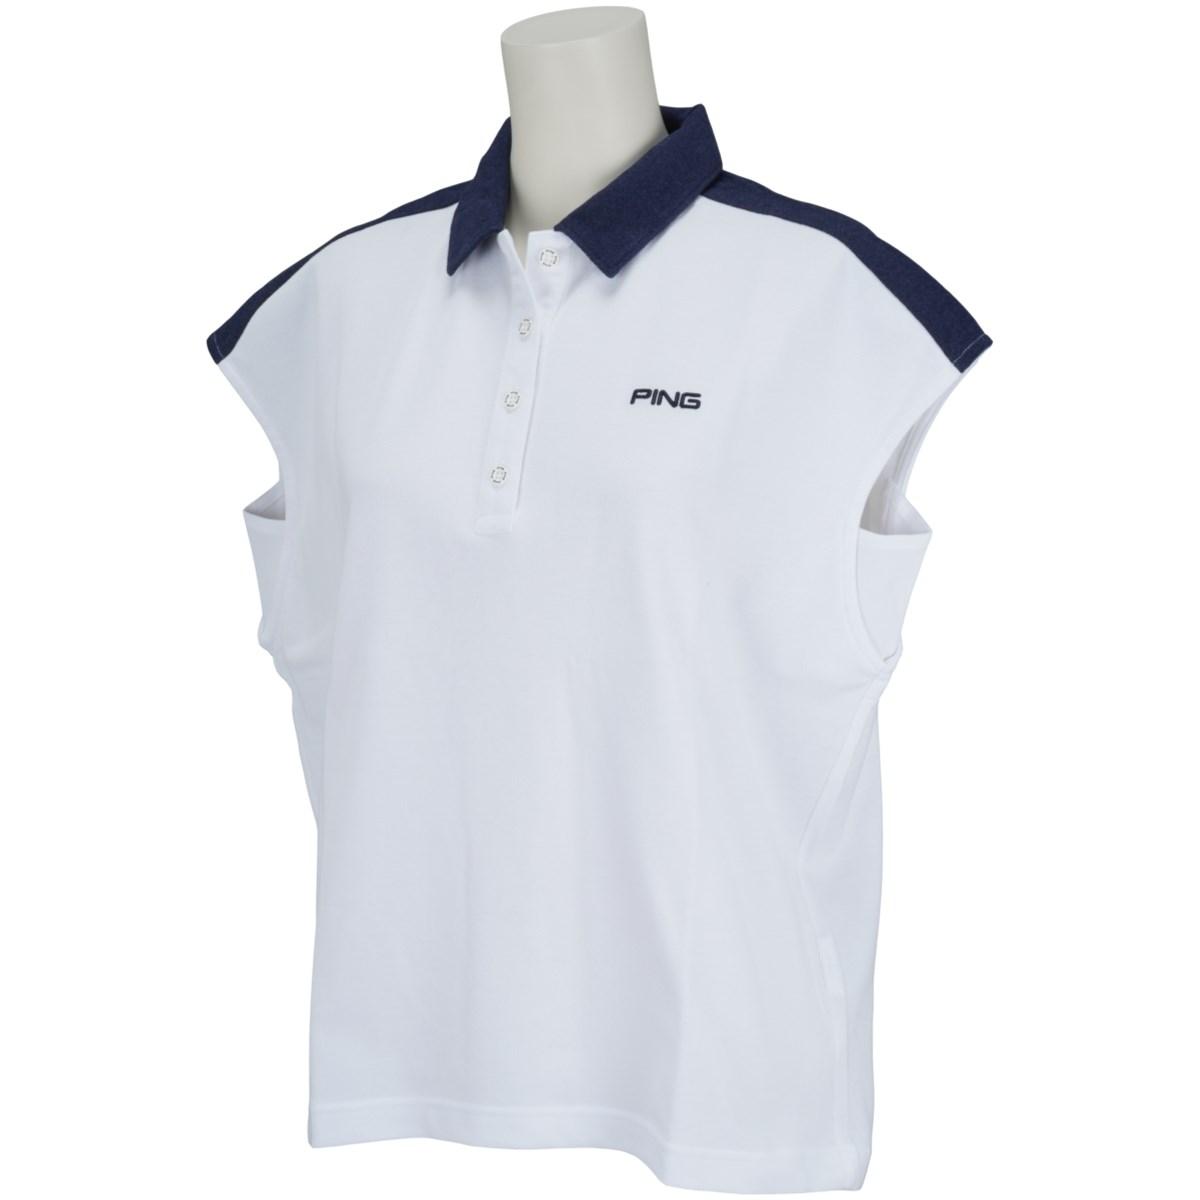 ピン PING 共襟半袖ポロシャツ M ホワイト 030 レディス